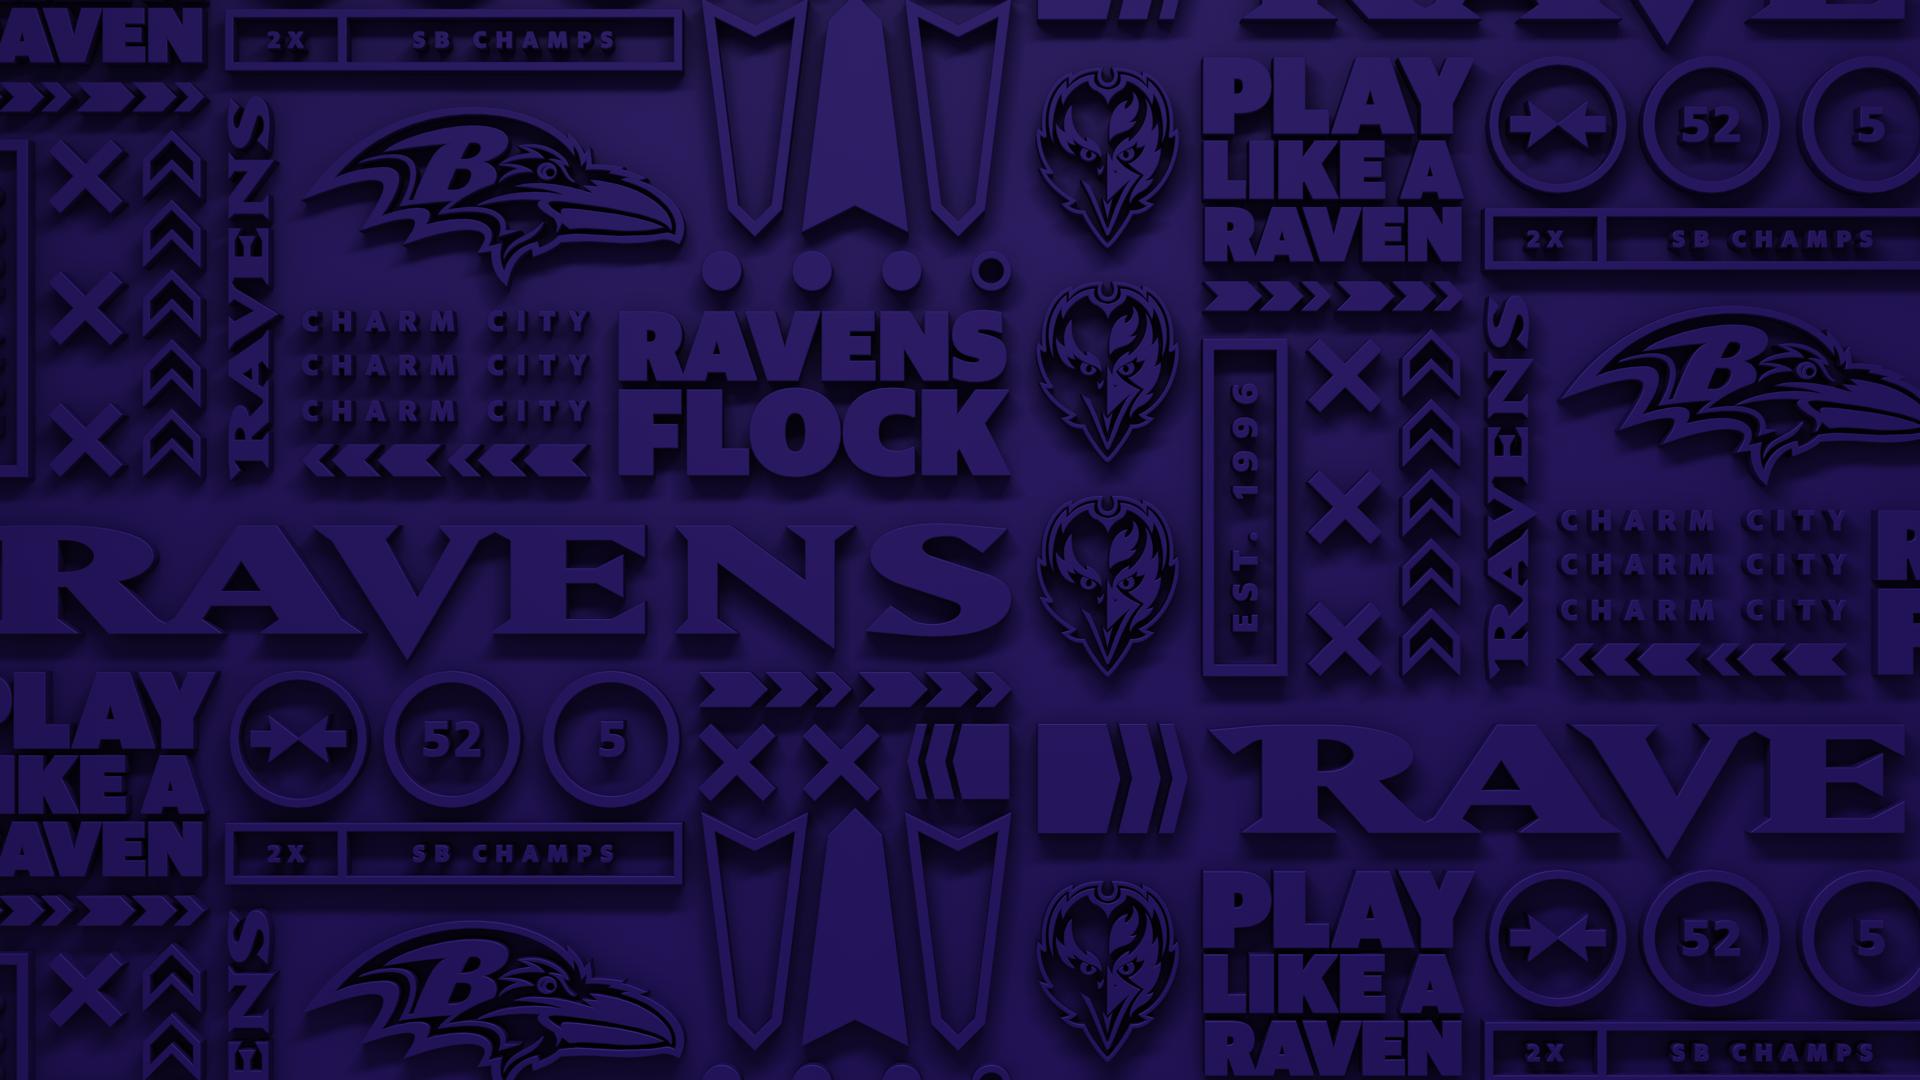 BAL_Ravens_BKG.png